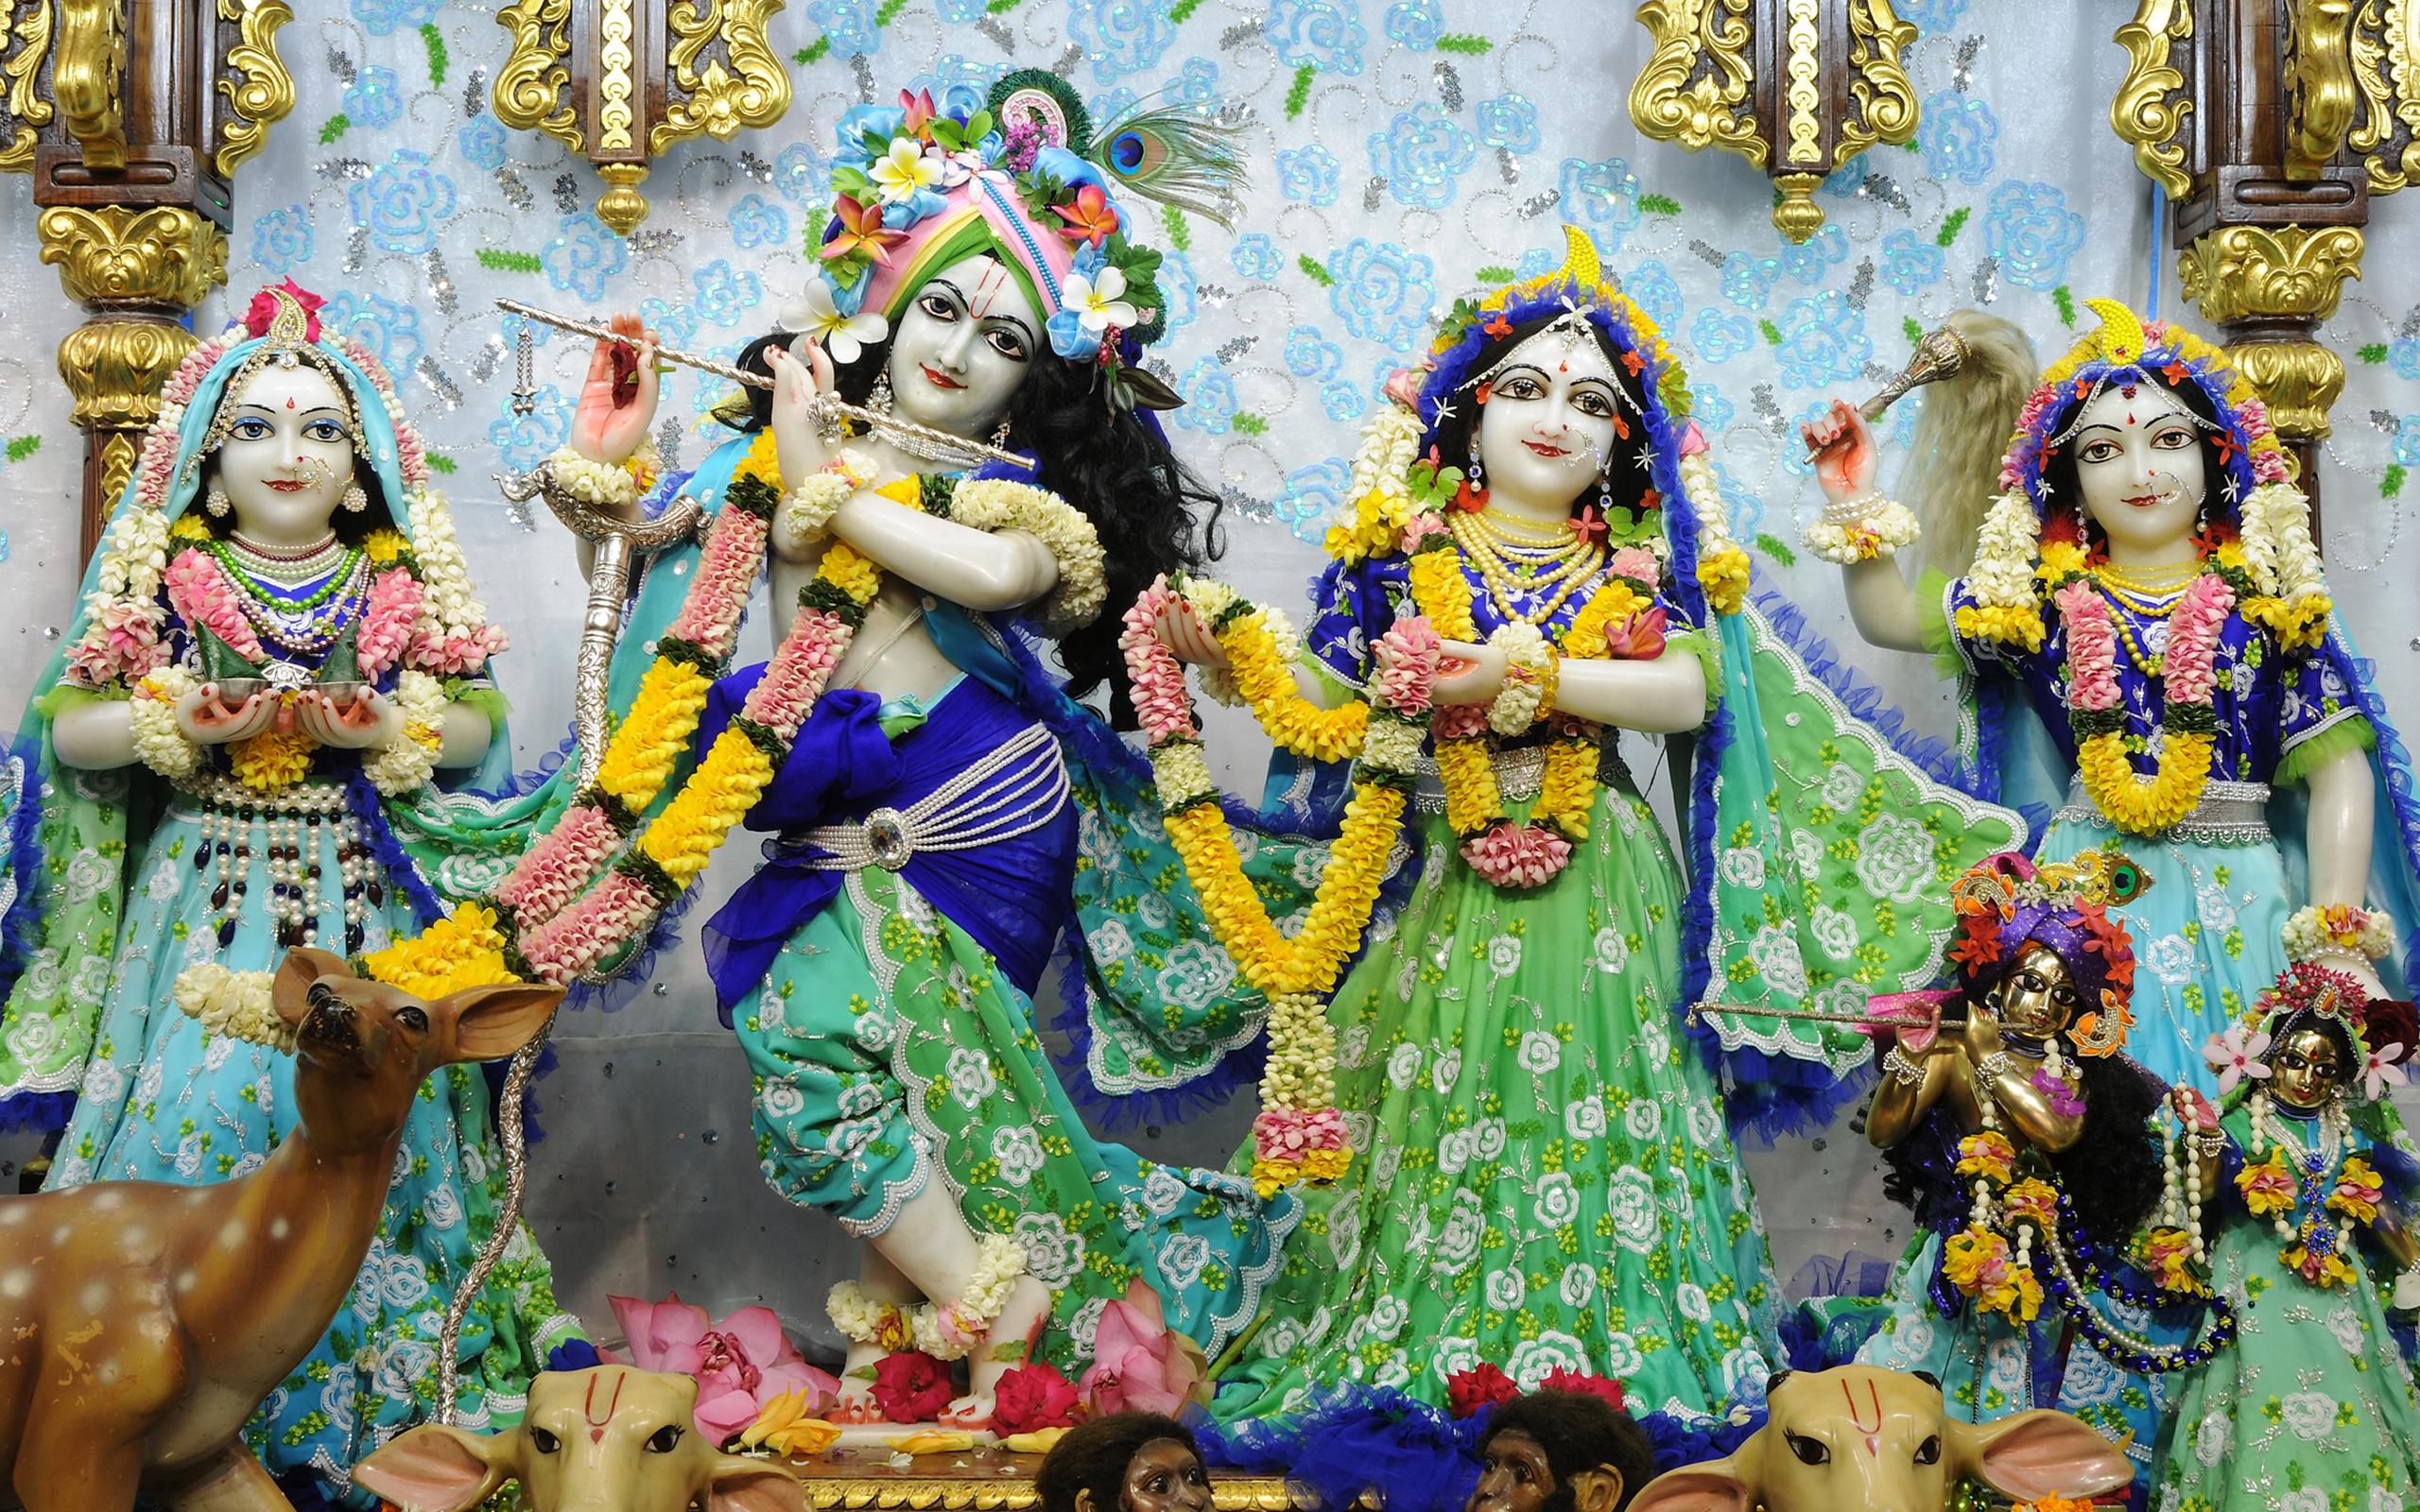 Sri Sri Radha Gopinath Lalita Vishakha Wallpaper (069) Size 2560x1600 Download